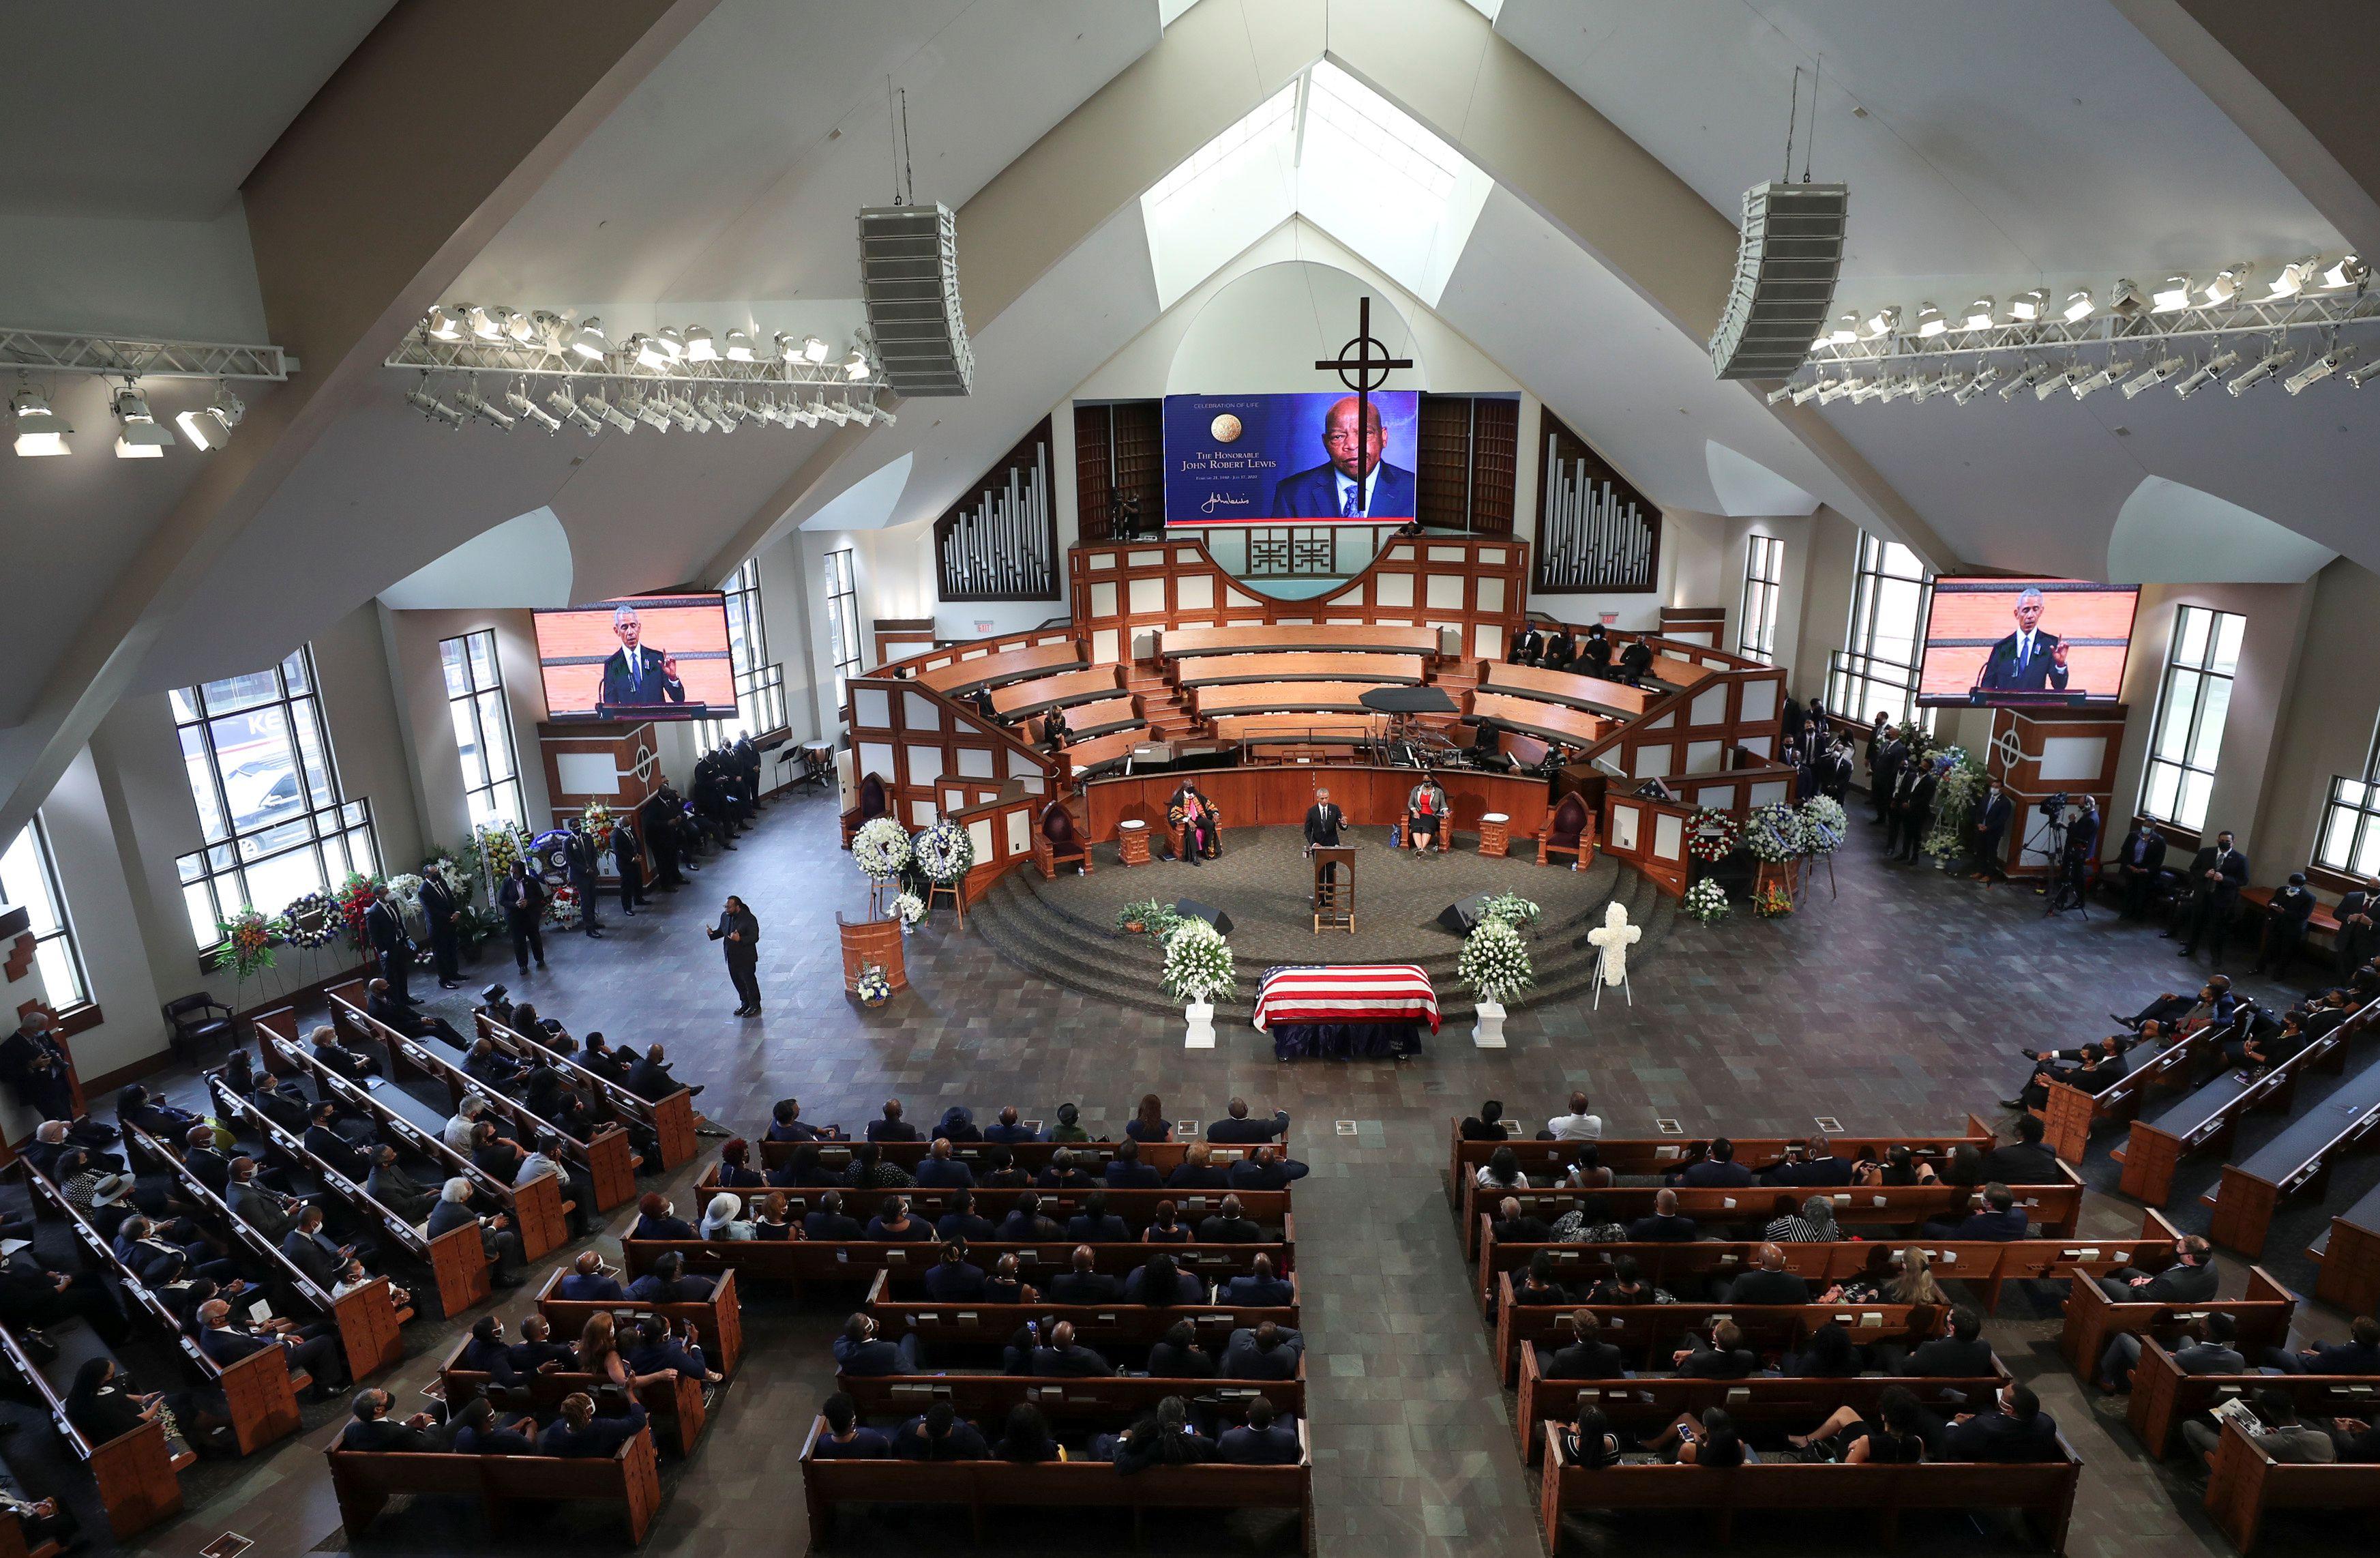 La ceremonia de este jueves termina con seis días de homenajes y conmemoraciones para John Lewis (Alyssa Pointer/Pool via REUTERS)